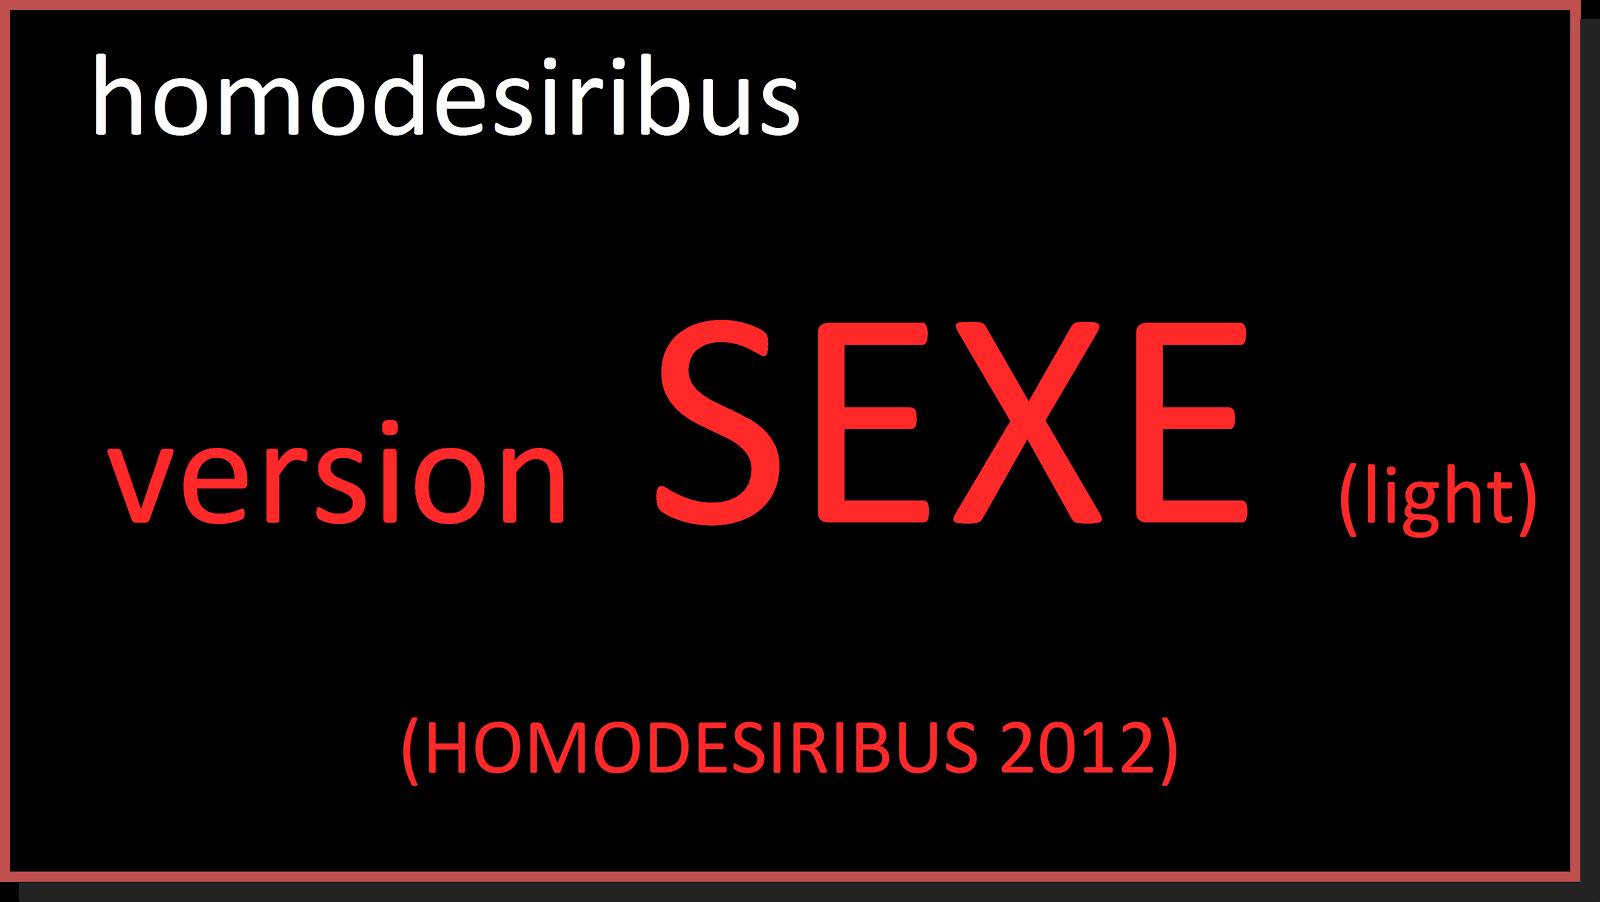 HOMODESIRIBUS 2012